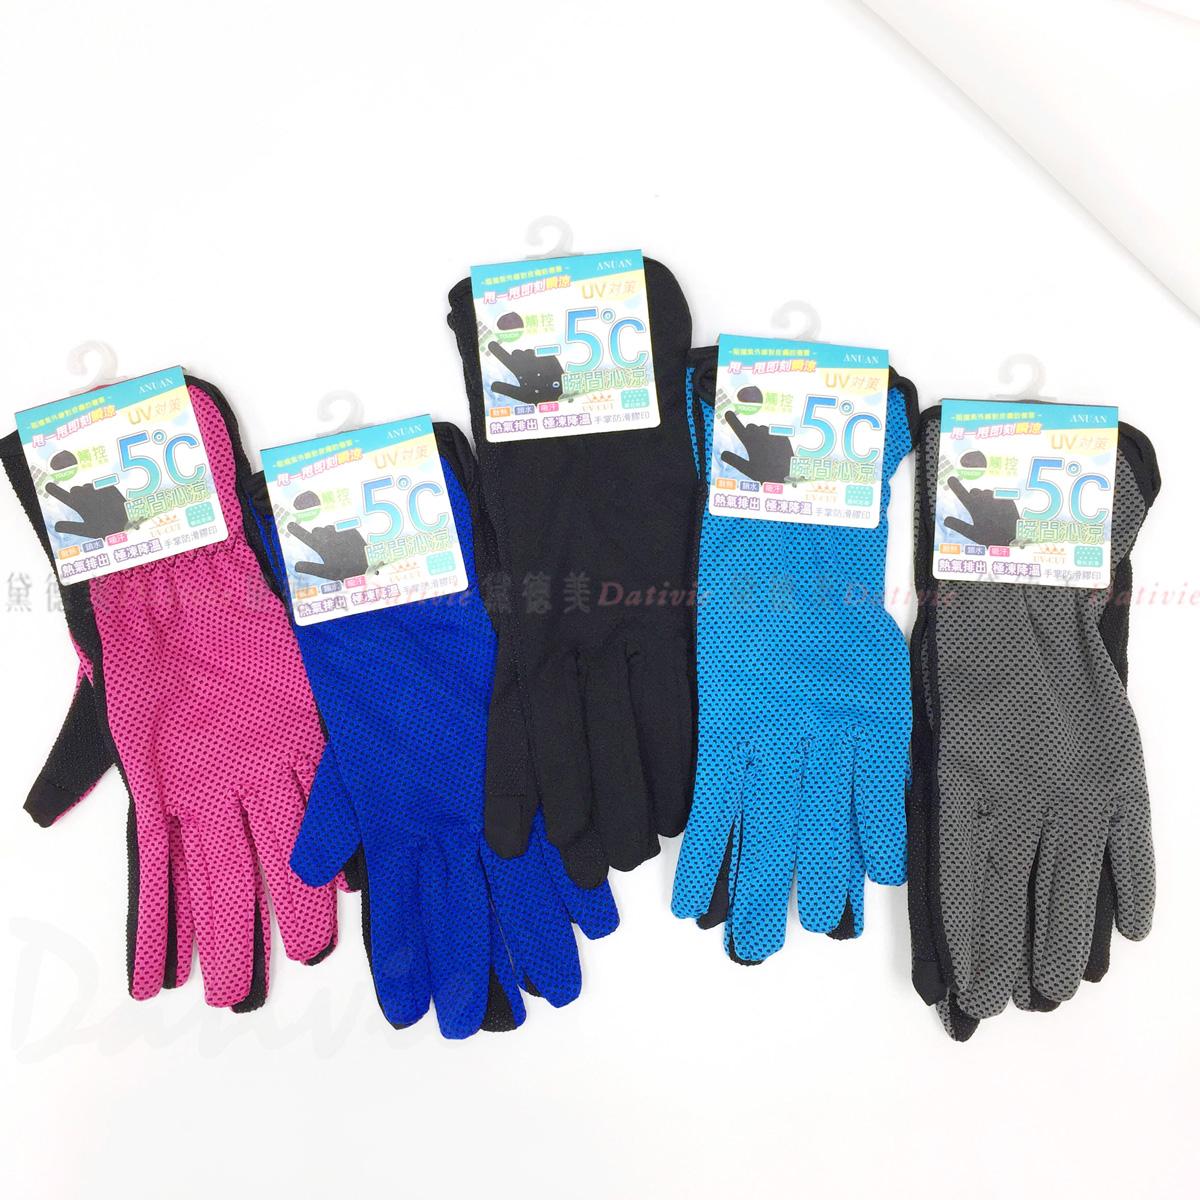 冰涼觸控止滑手套 吸汗 本之豐 手掌防滑膠印